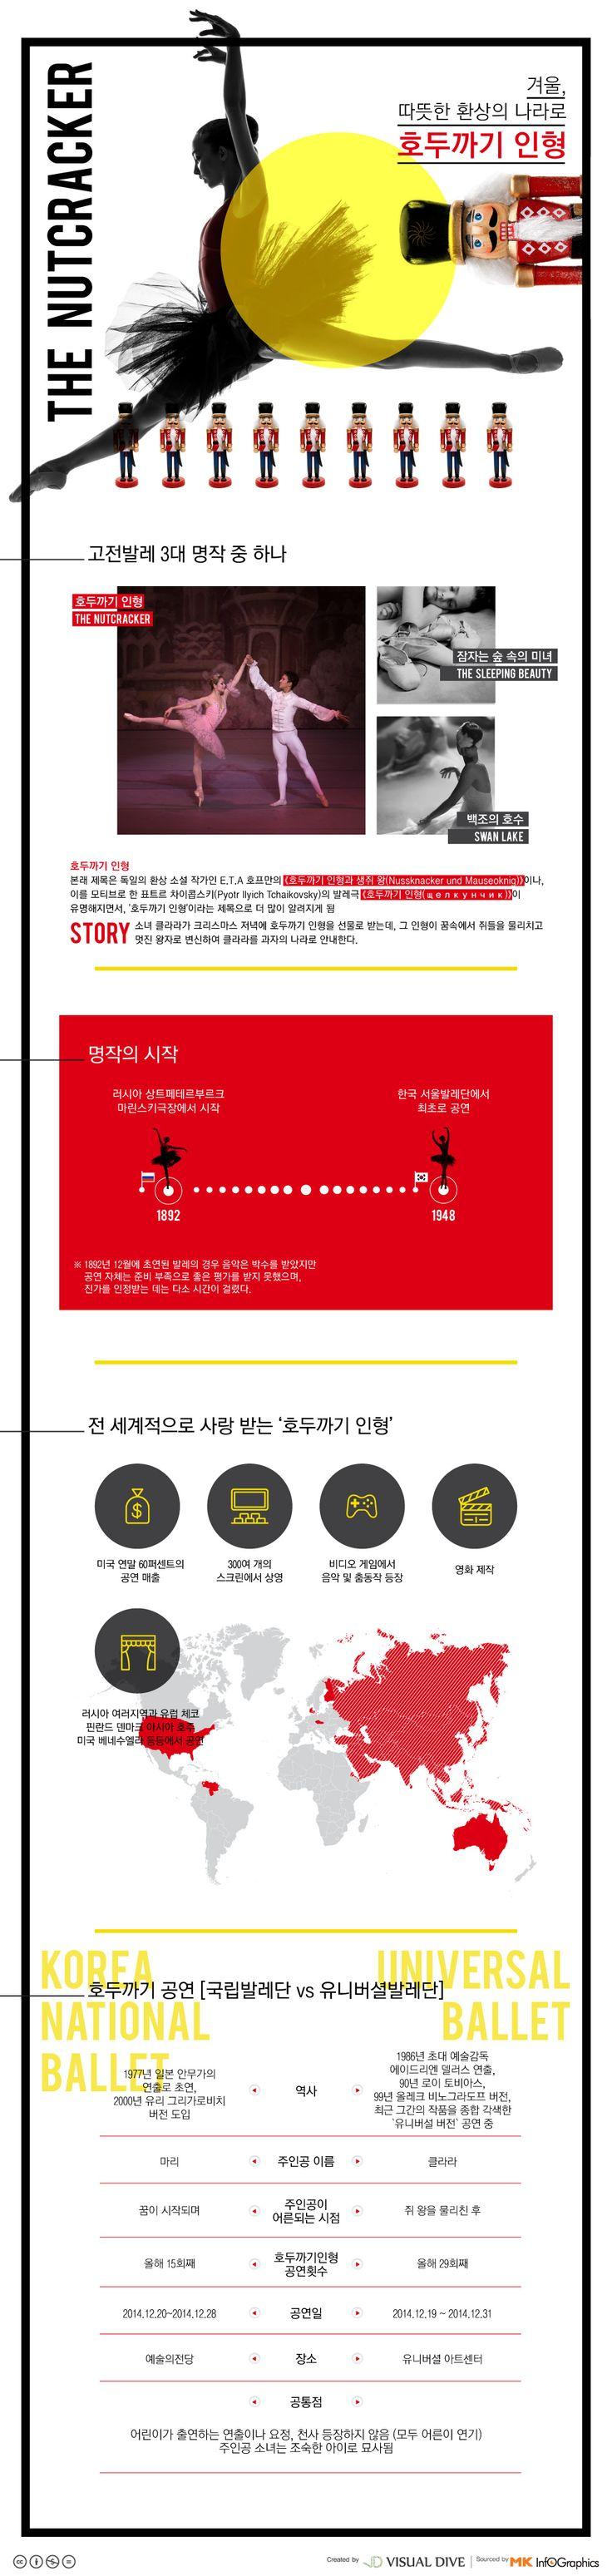 연말 공연 '호두까기 인형'에 대해 얼마나 아시나요? [인포그래픽] #nutcracker / #Infographic ⓒ 비주얼다이브 무단 복사·전재·재배포 금지